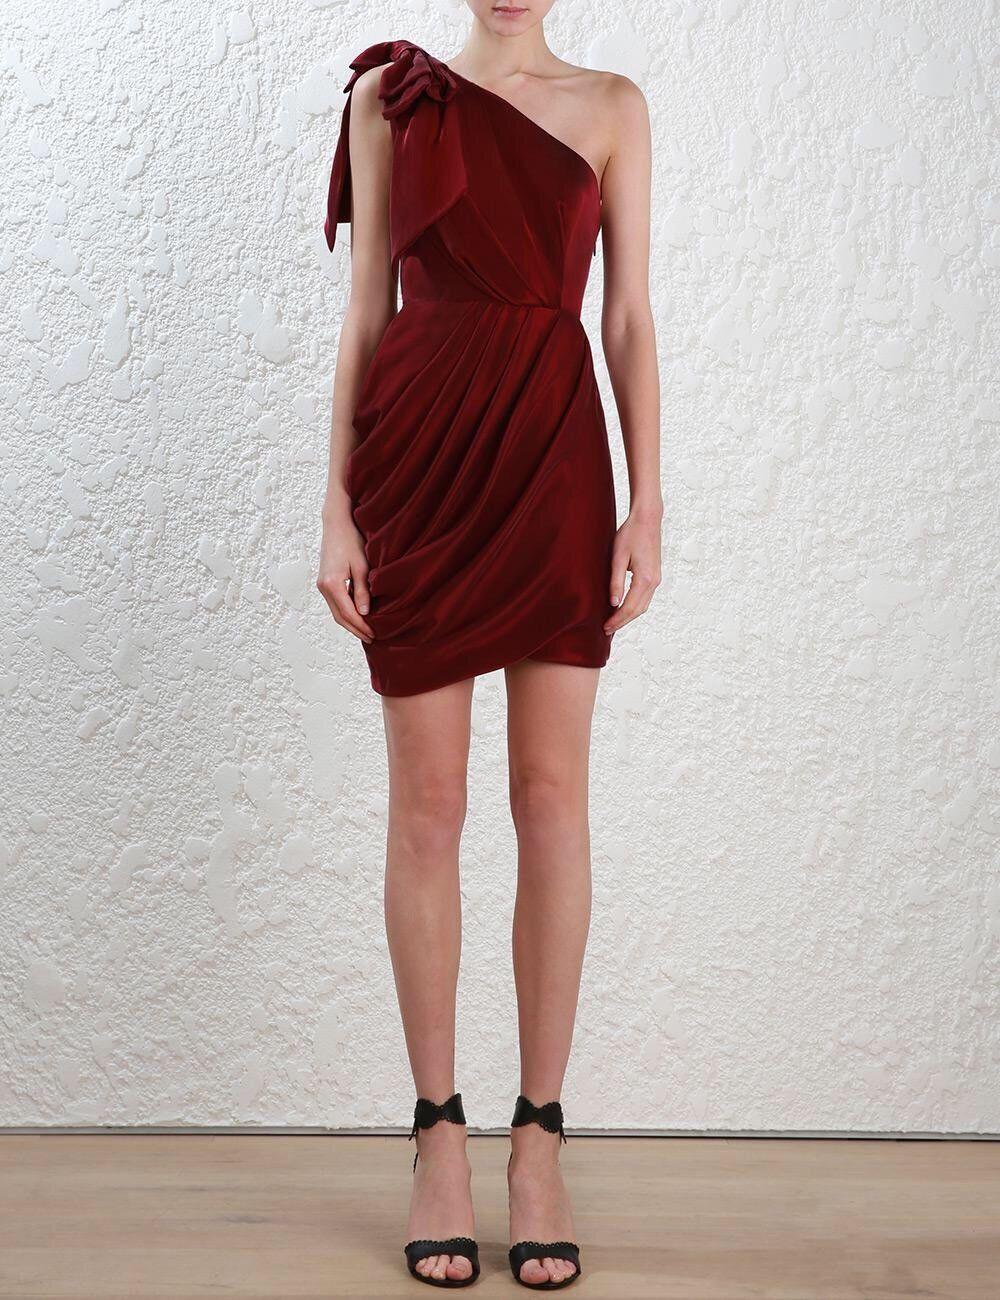 BNWT Zimmermann arco Corpiño Vestido Borgoña Talla 0    550  Envío y cambio gratis.